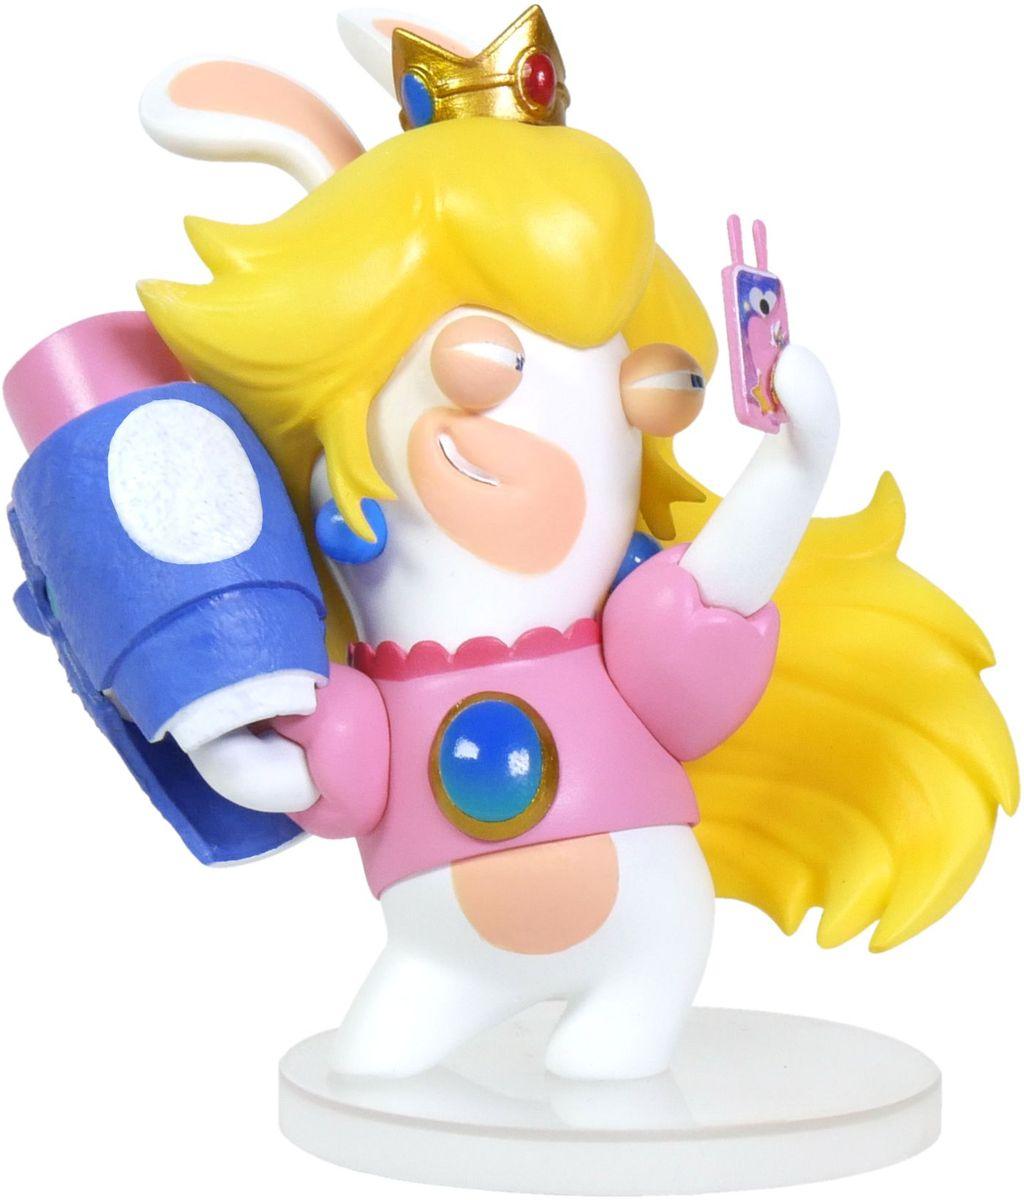 Mario + Rabbids Битва за Королевство. Фигурка Кролик-Пич 3 mario rabbids битва за королевство фигурка кролик пич 3